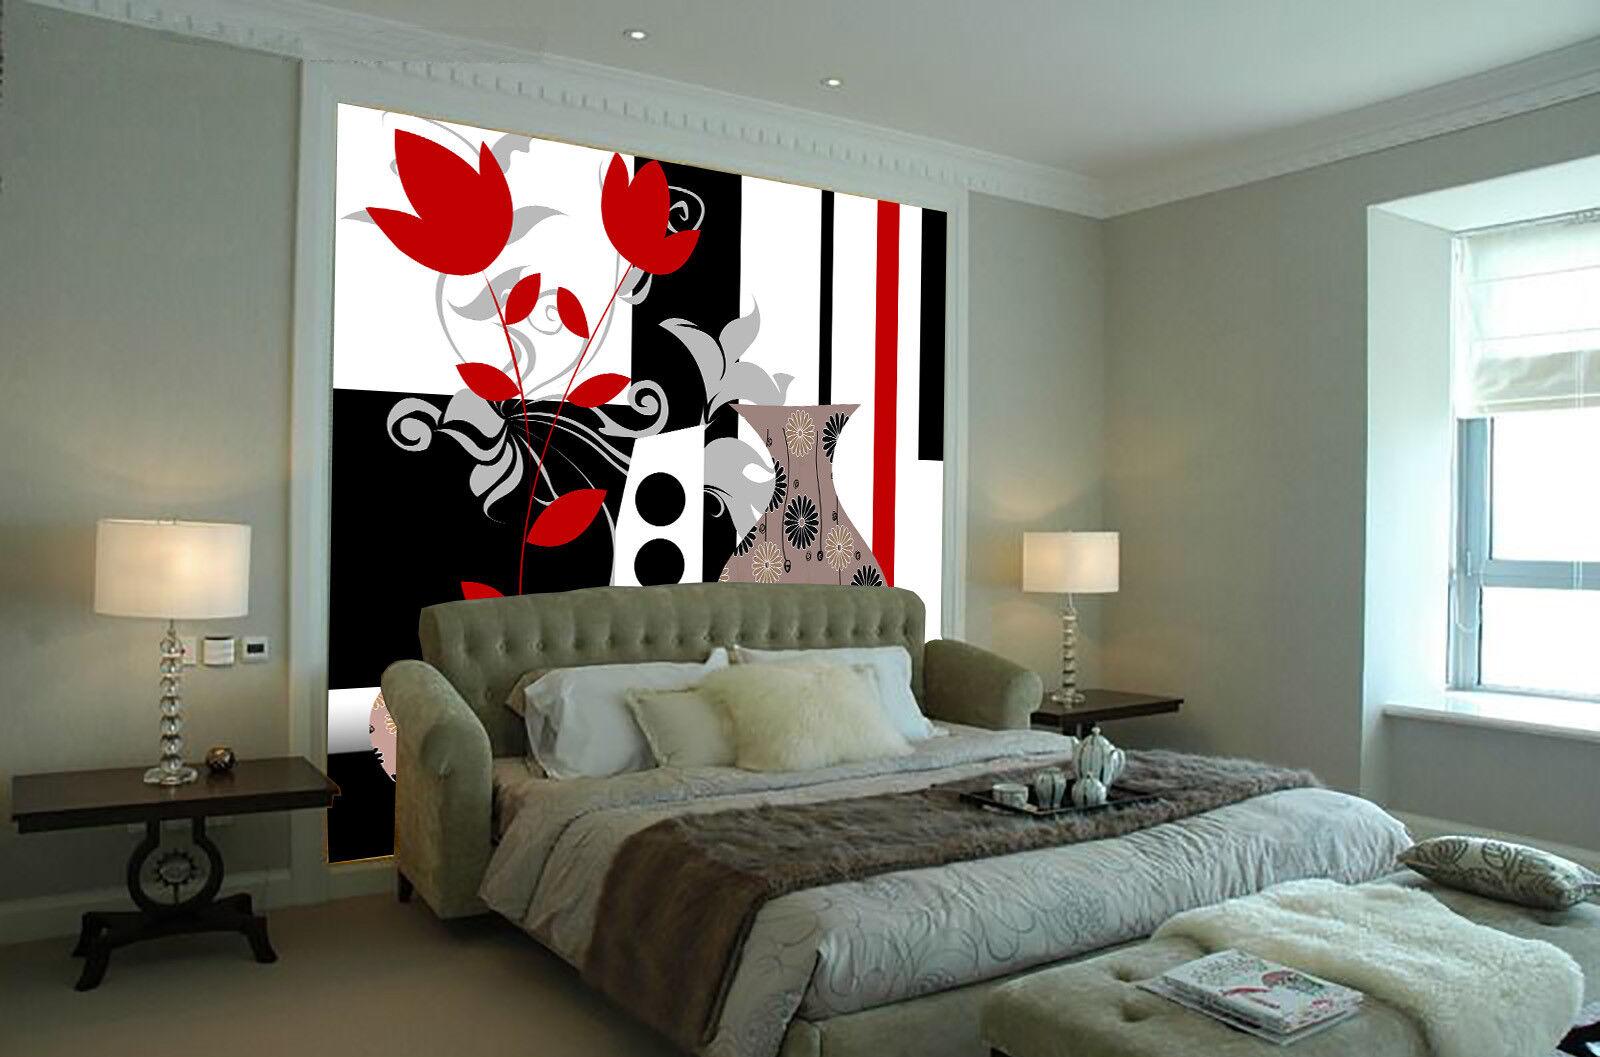 3D Vase Paint 4195 Wallpaper Murals Wall Print Wallpaper Mural AJ WALL UK Lemon